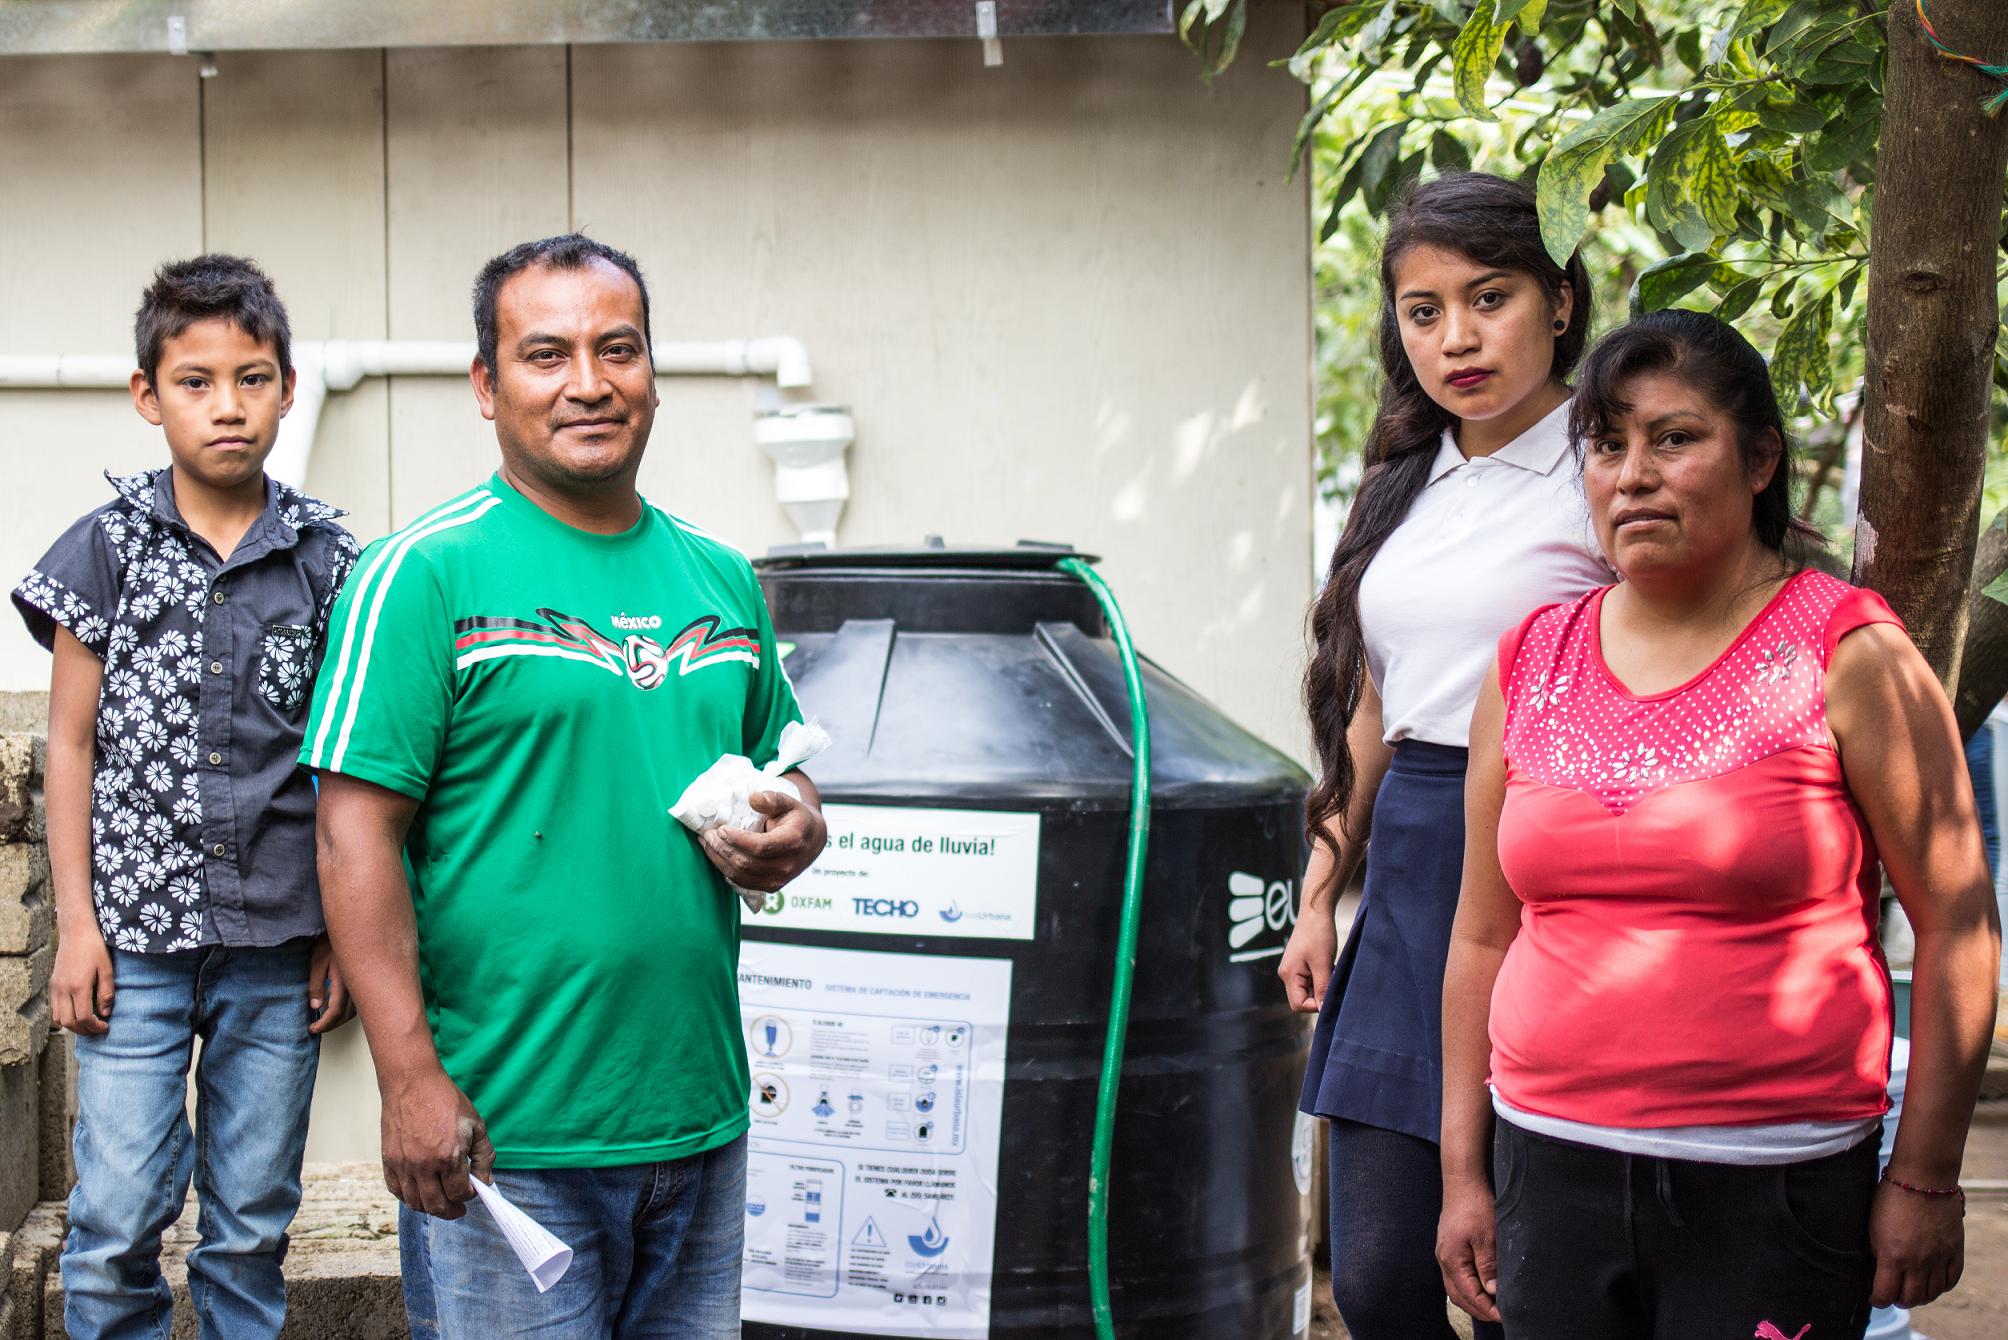 Acceso al agua potable, un derecho vulnerado en los asentamientos populares